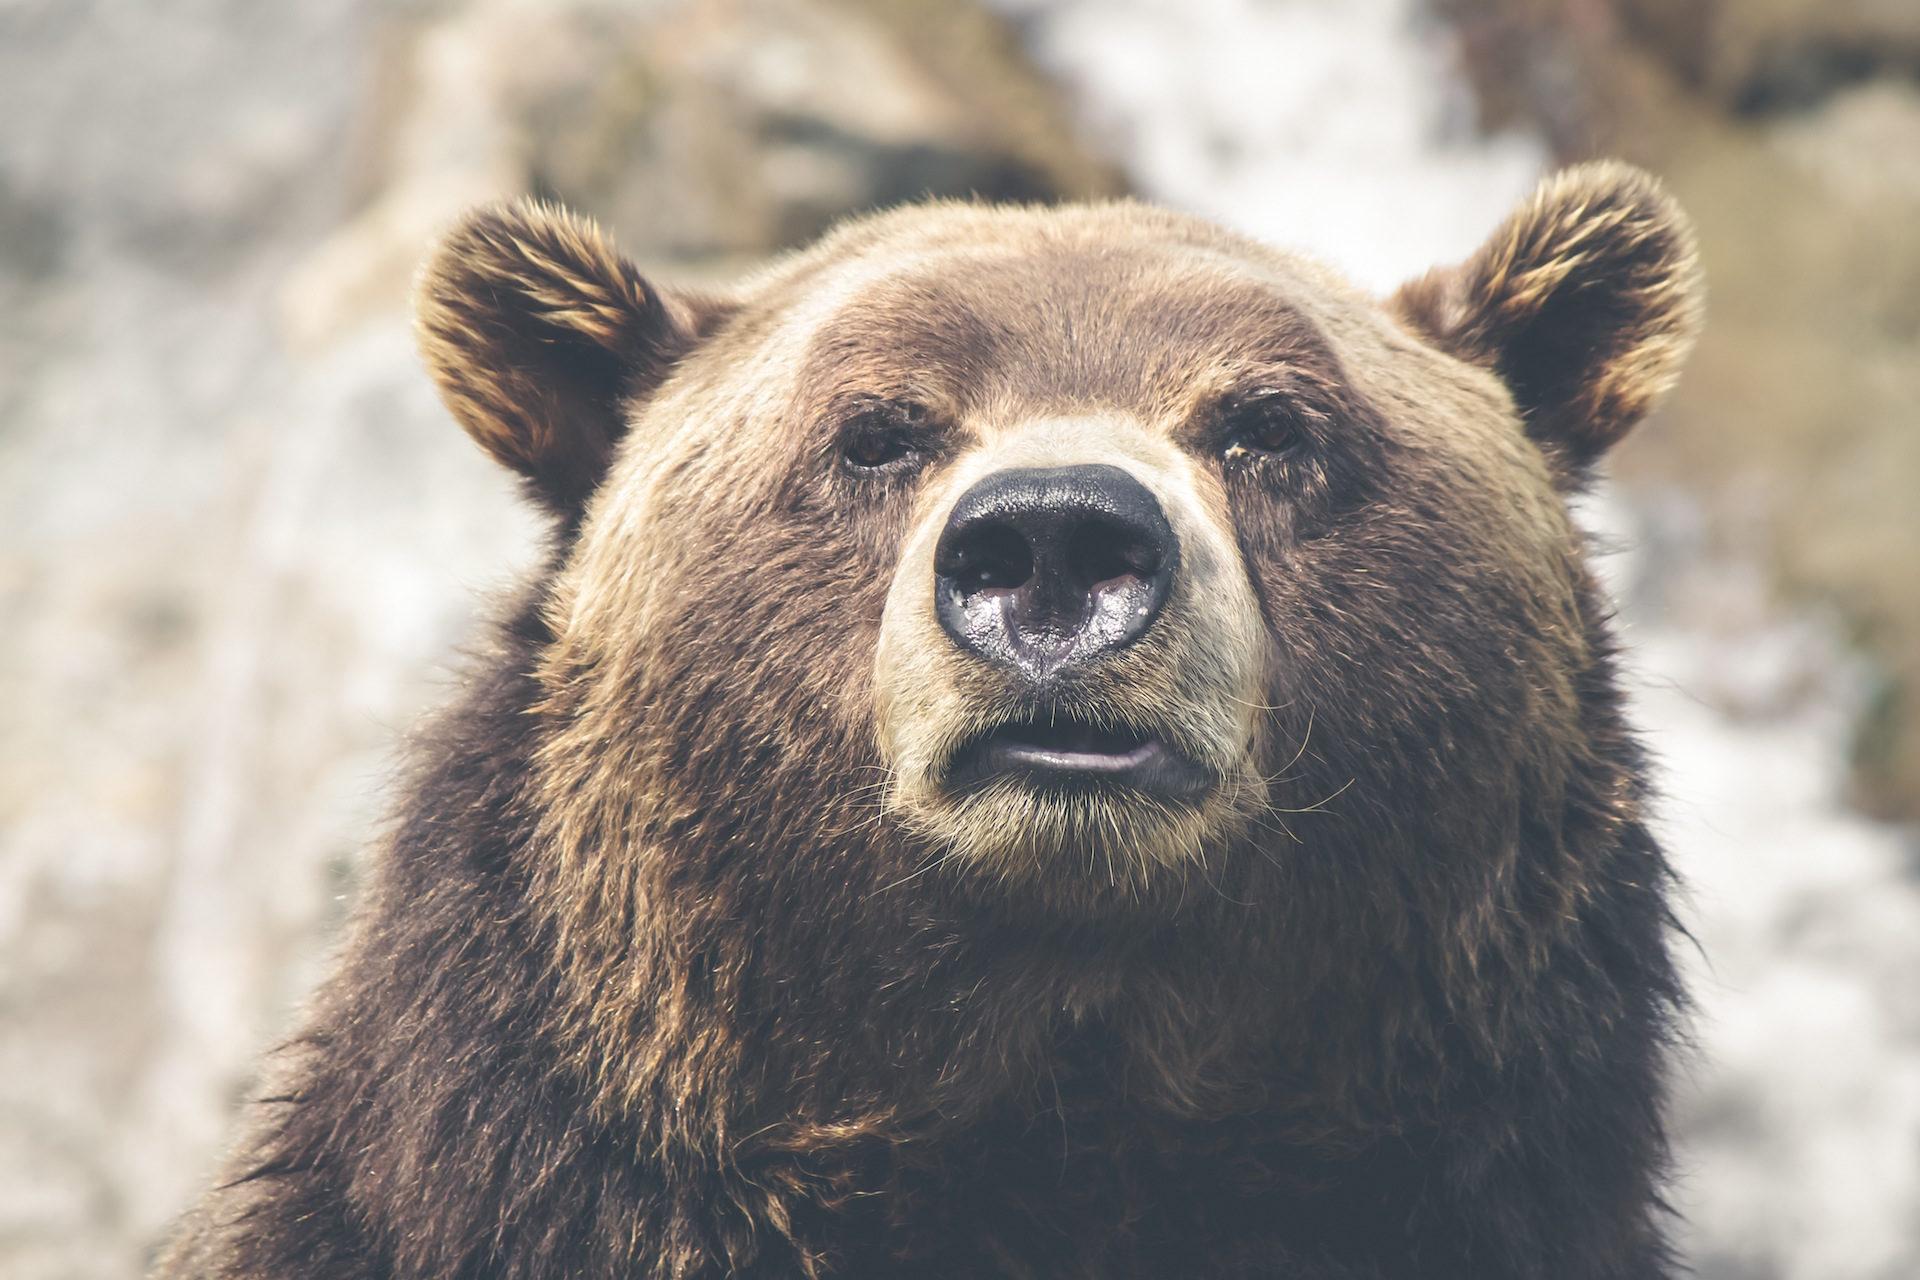 медведь, Пардо, Смотреть, Рыло, Дикий - Обои HD - Профессор falken.com